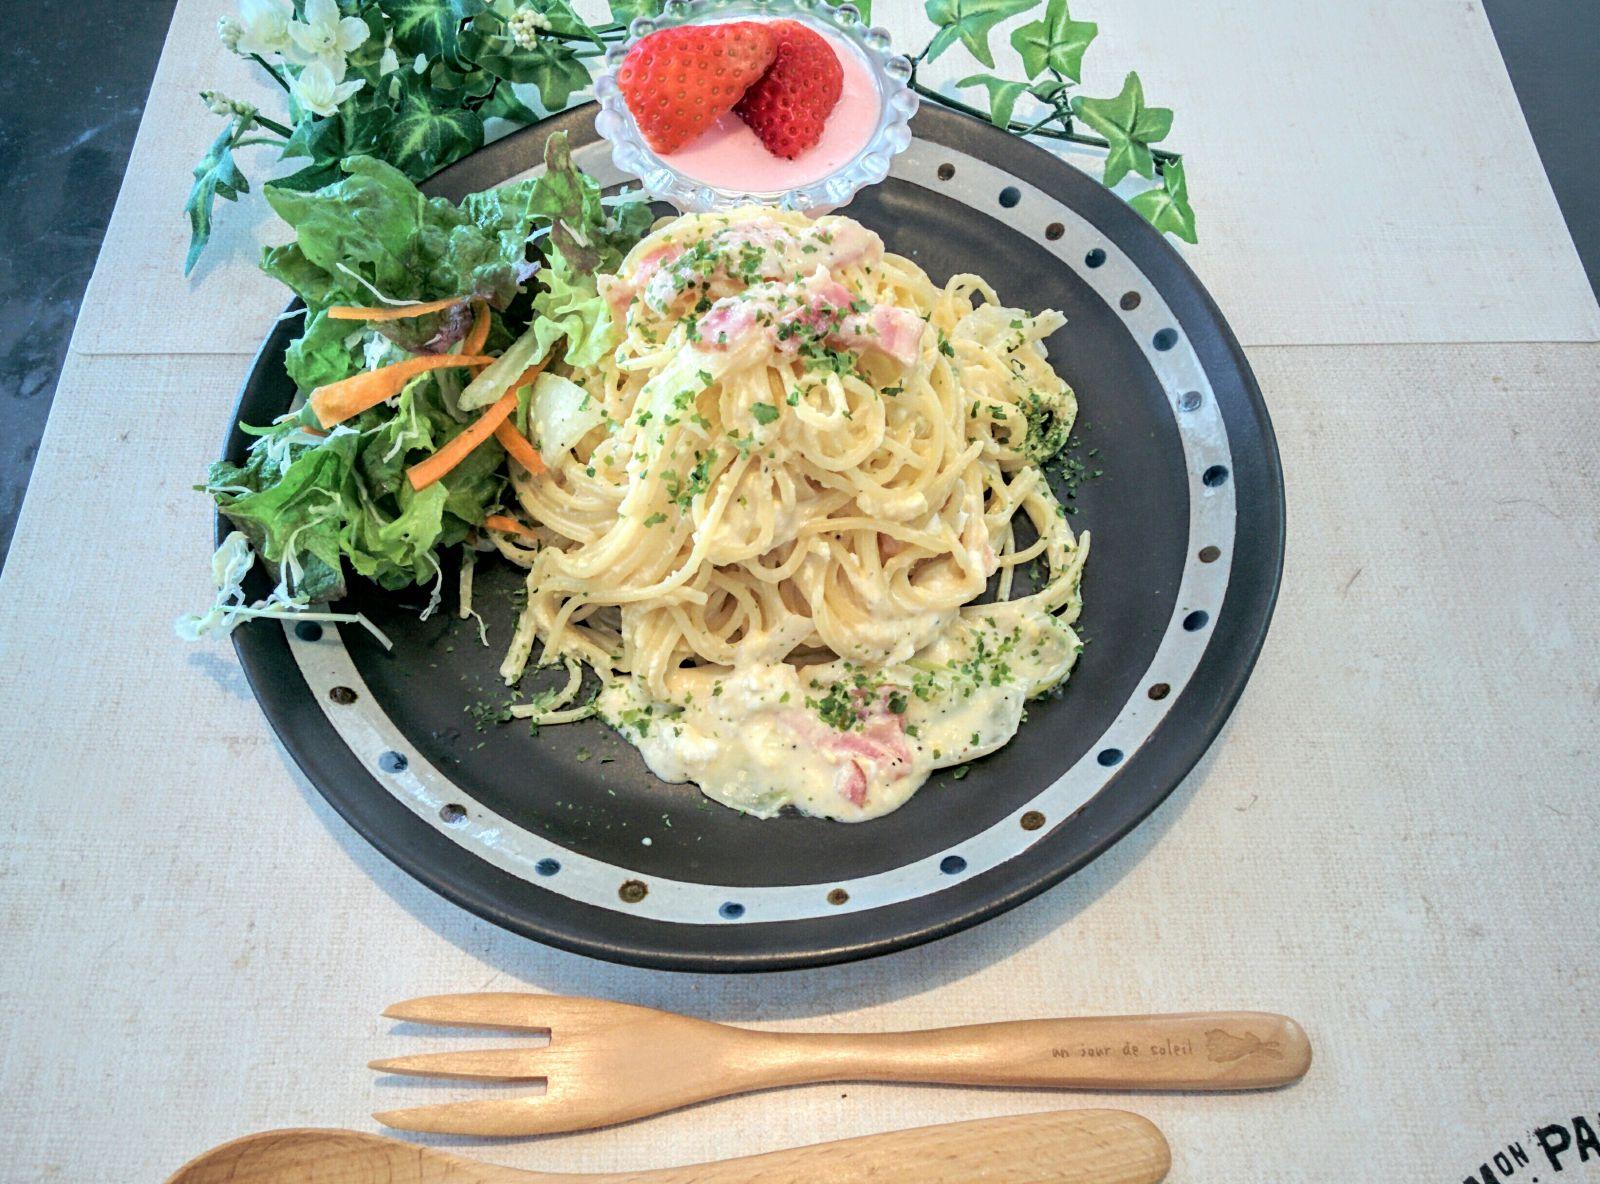 【小樽】お家御飯・ちょっと変わった作り方スパゲティーカルボナーラグルメ案内です。